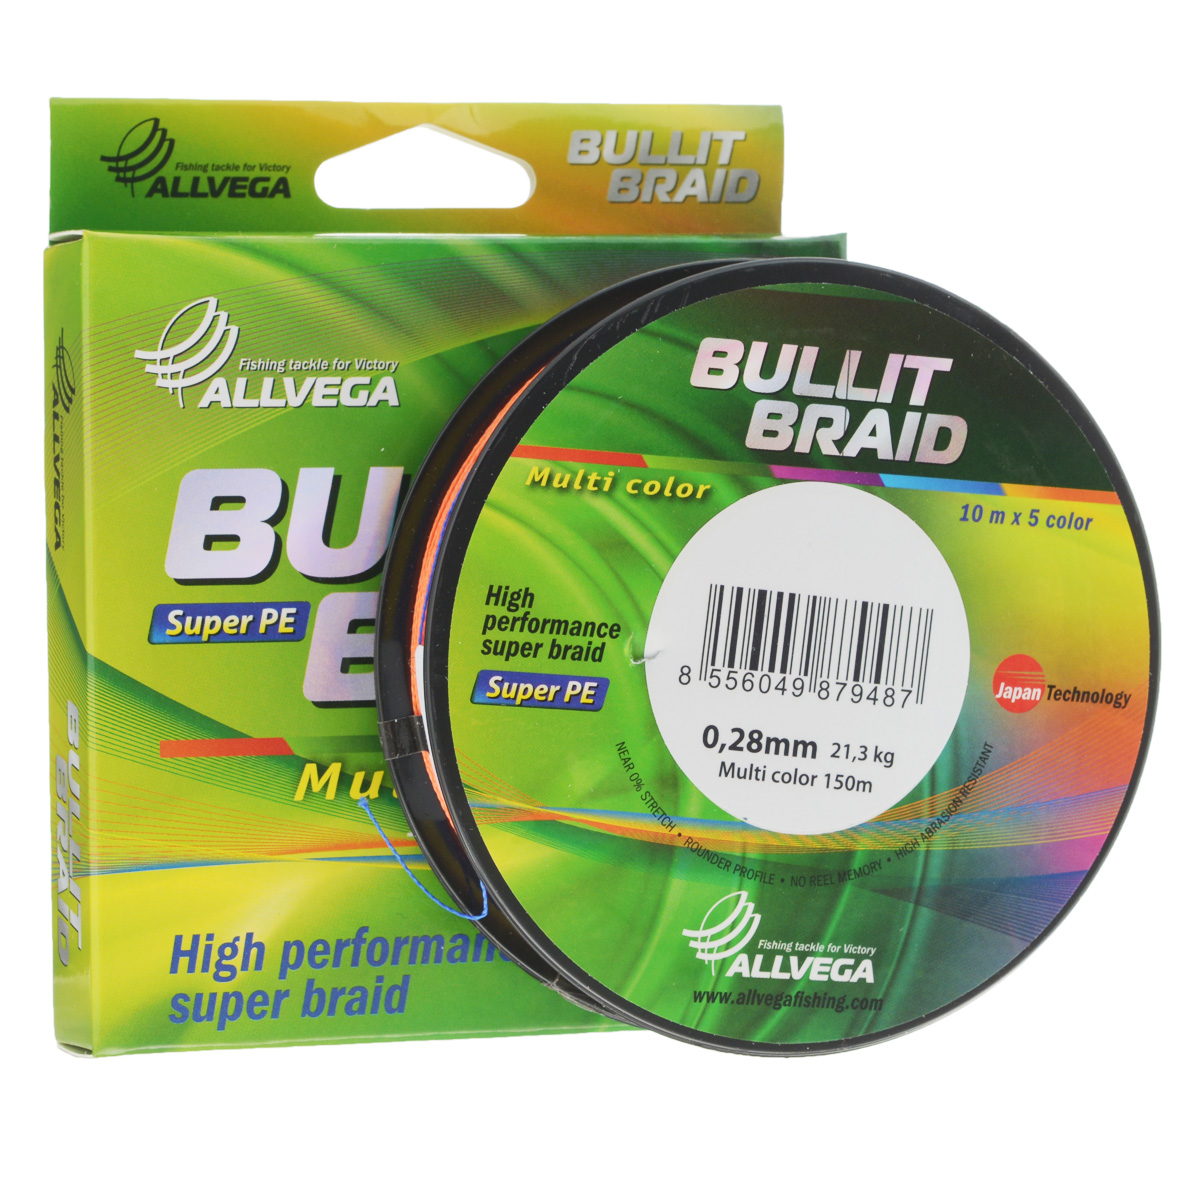 Леска плетеная Allvega Bullit Braid, цвет: мультиколор, 150 м, 0,28 мм, 21,3 кг